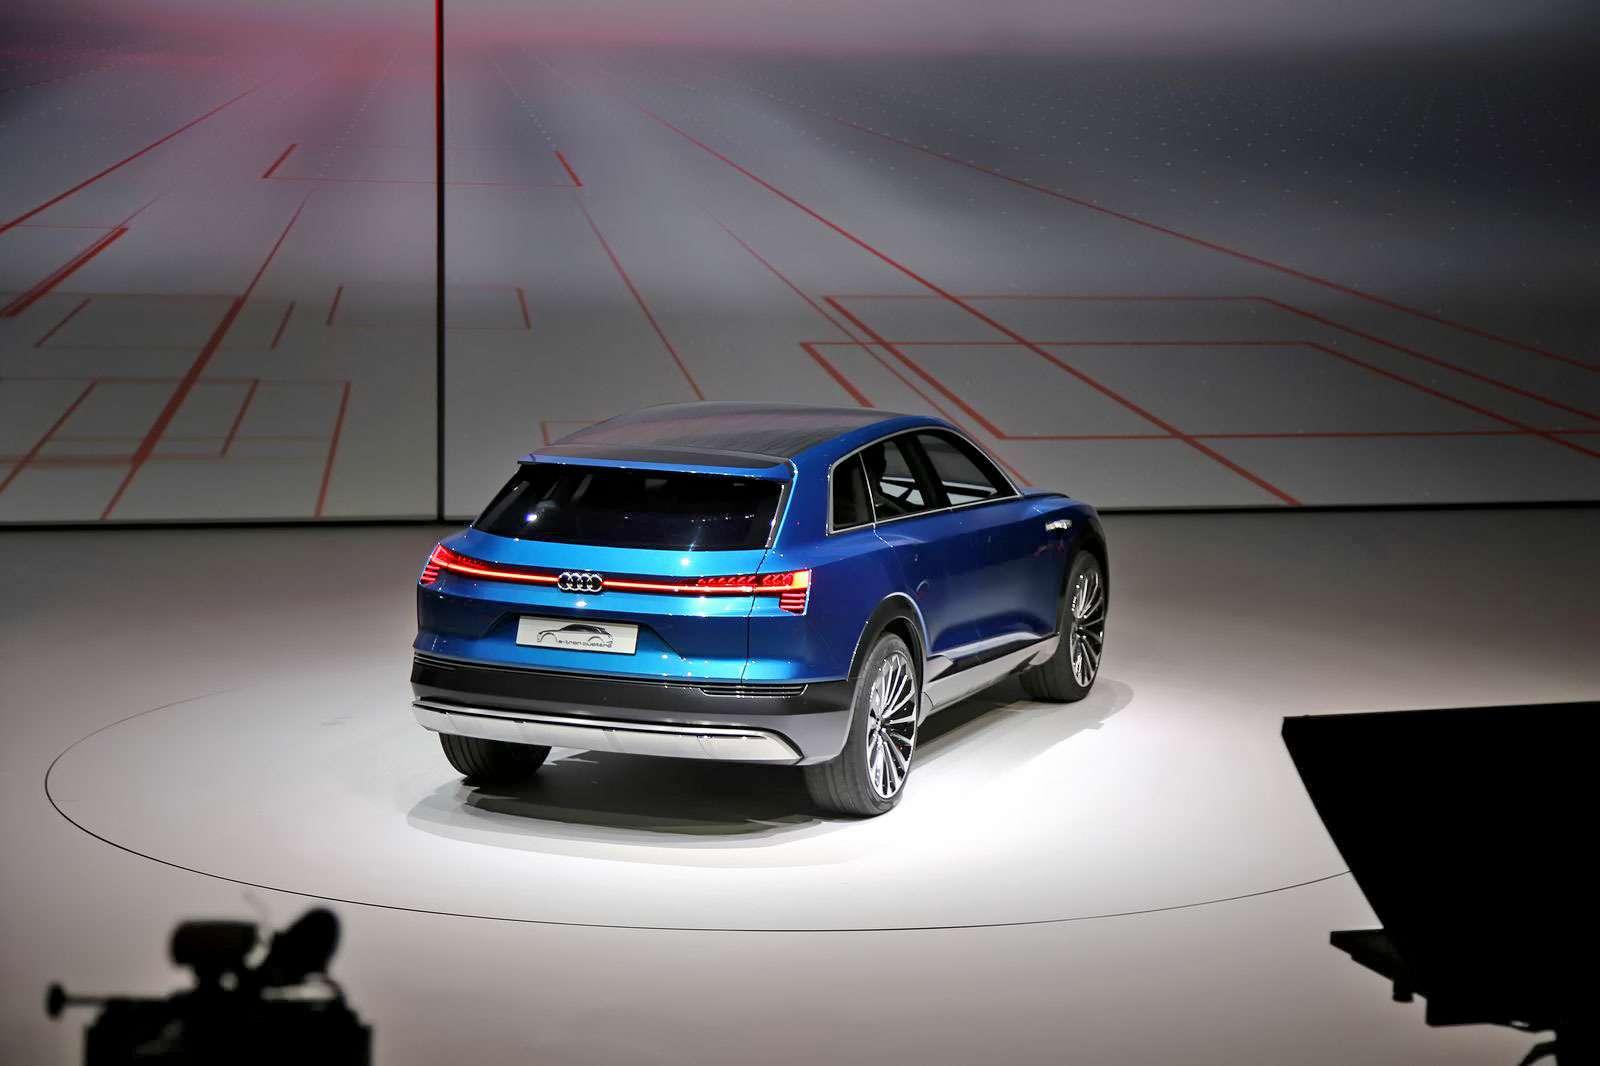 Audi-e-tron-quatro_Kadakov_2